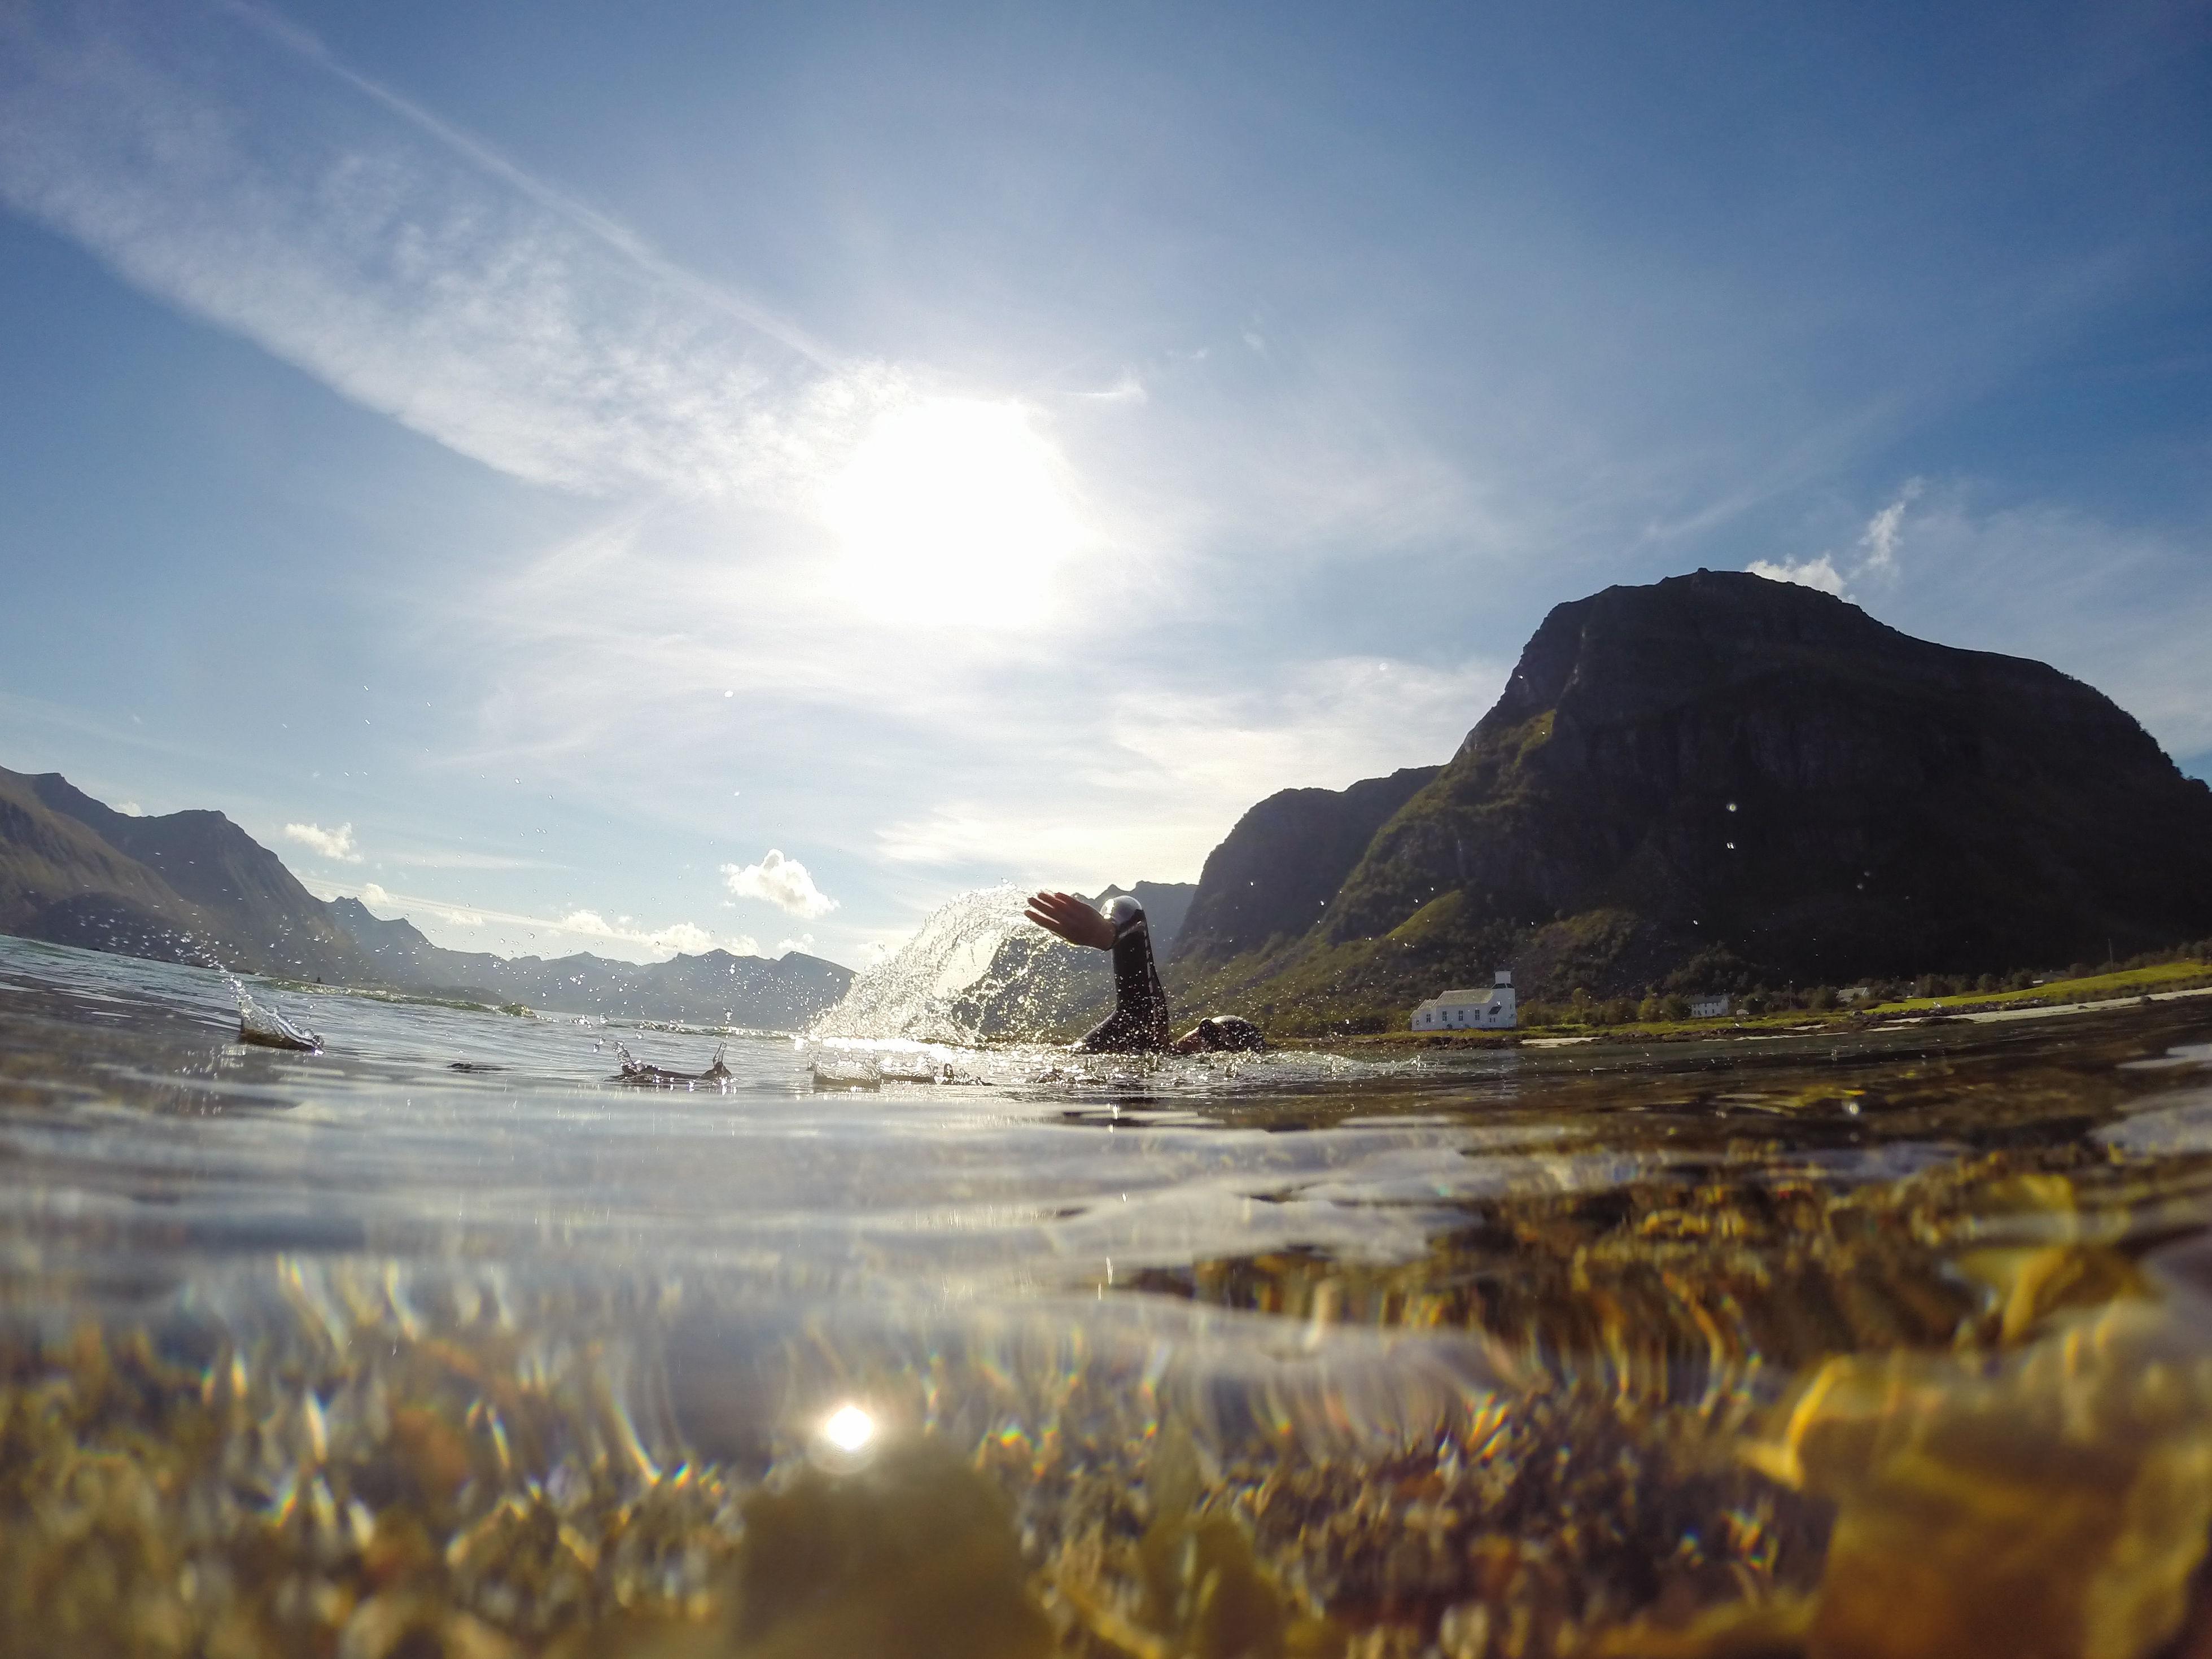 Ingen hai i sikte! Lofoten er like vakker under som over vann. På svømmetur tar jeg gjerne pauser på holmer og skjær. Ofte får jeg selskap av nysgjerrige måker, eller kanskje en overrasket skarv.